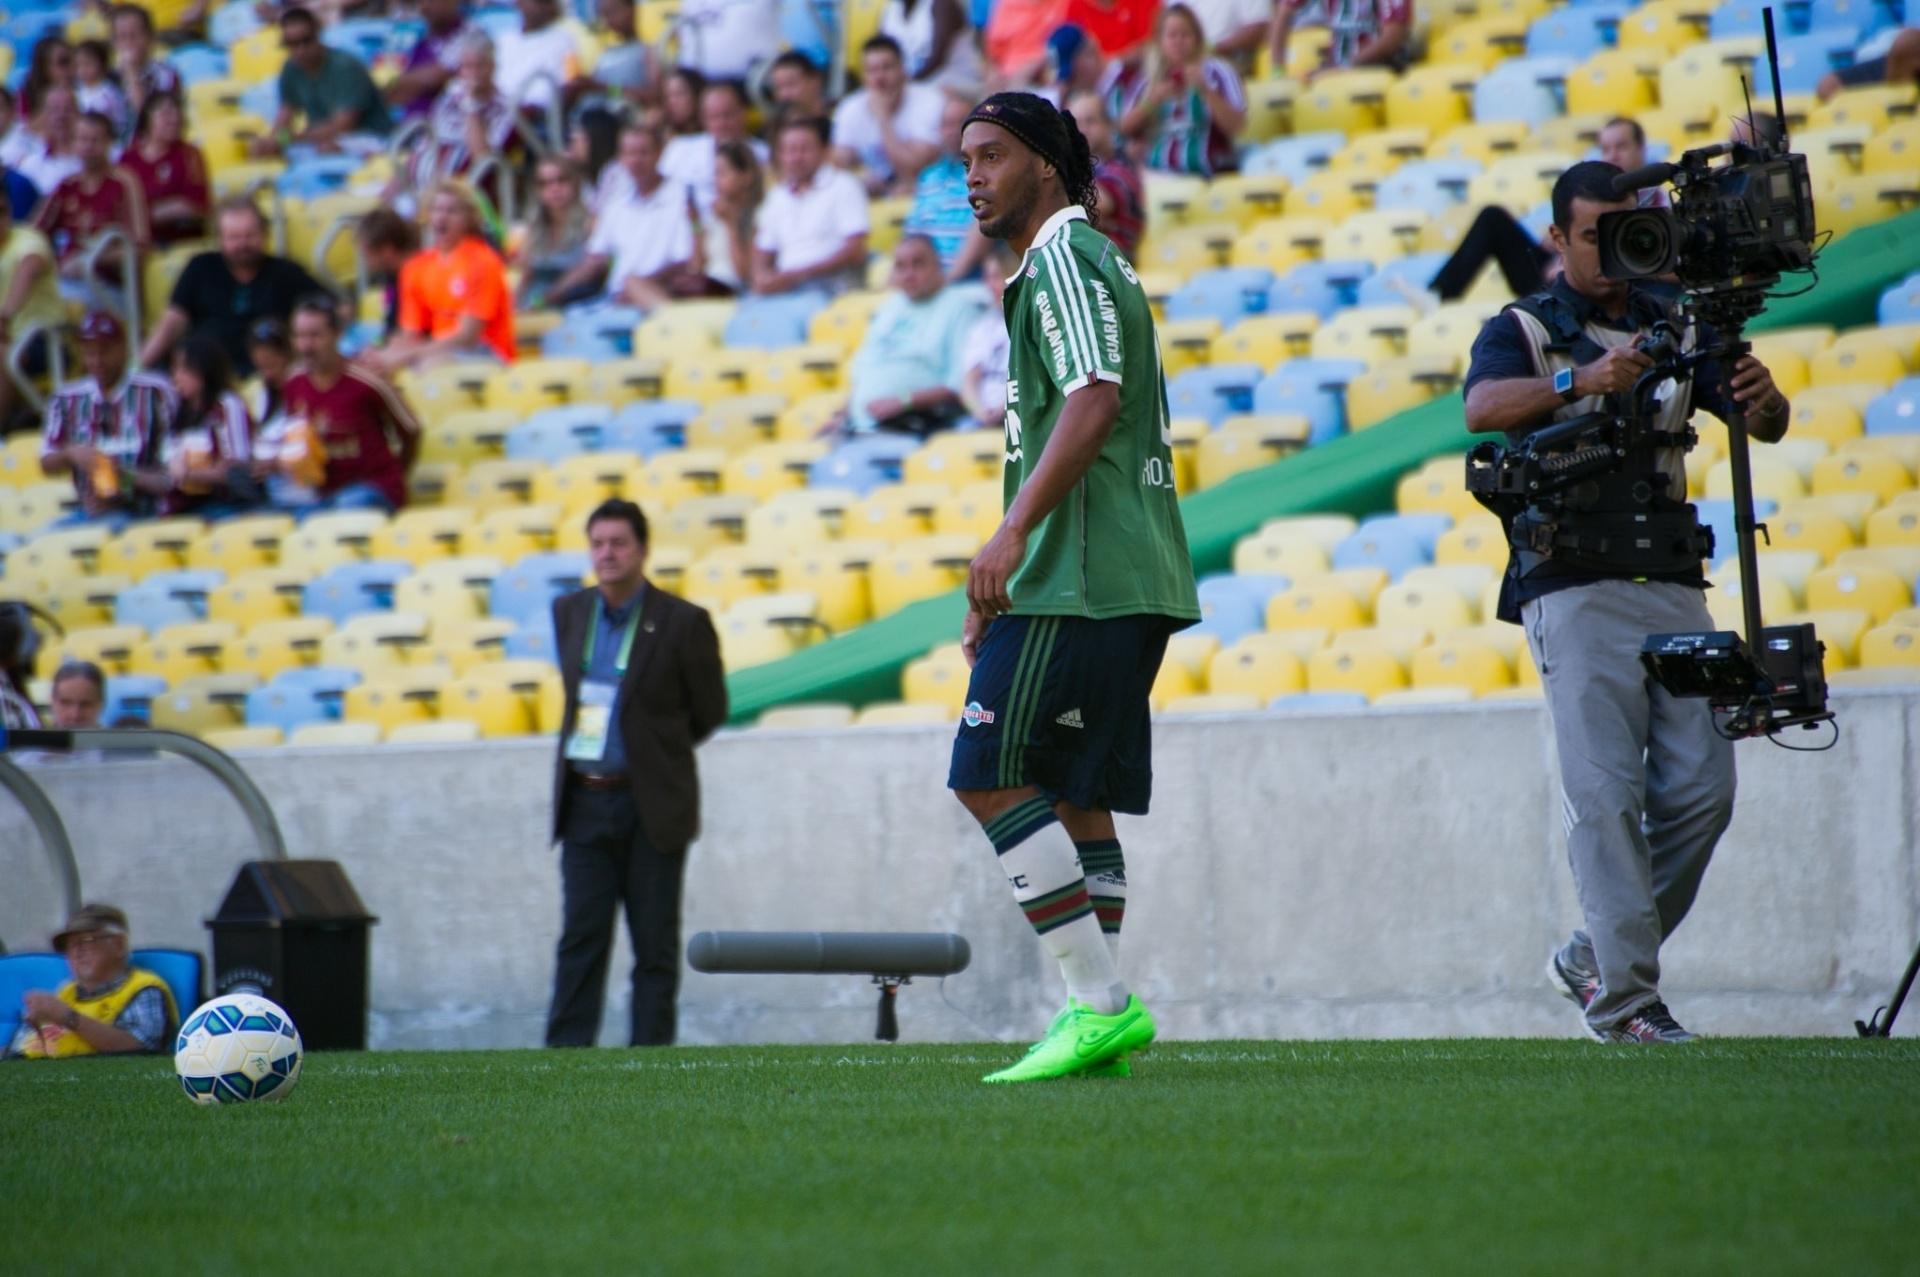 Saída de Ronaldinho pode gerar economia de até R  13 milhões ao Fluminense  - 30 09 2015 - UOL Esporte b3c43ae583ca3